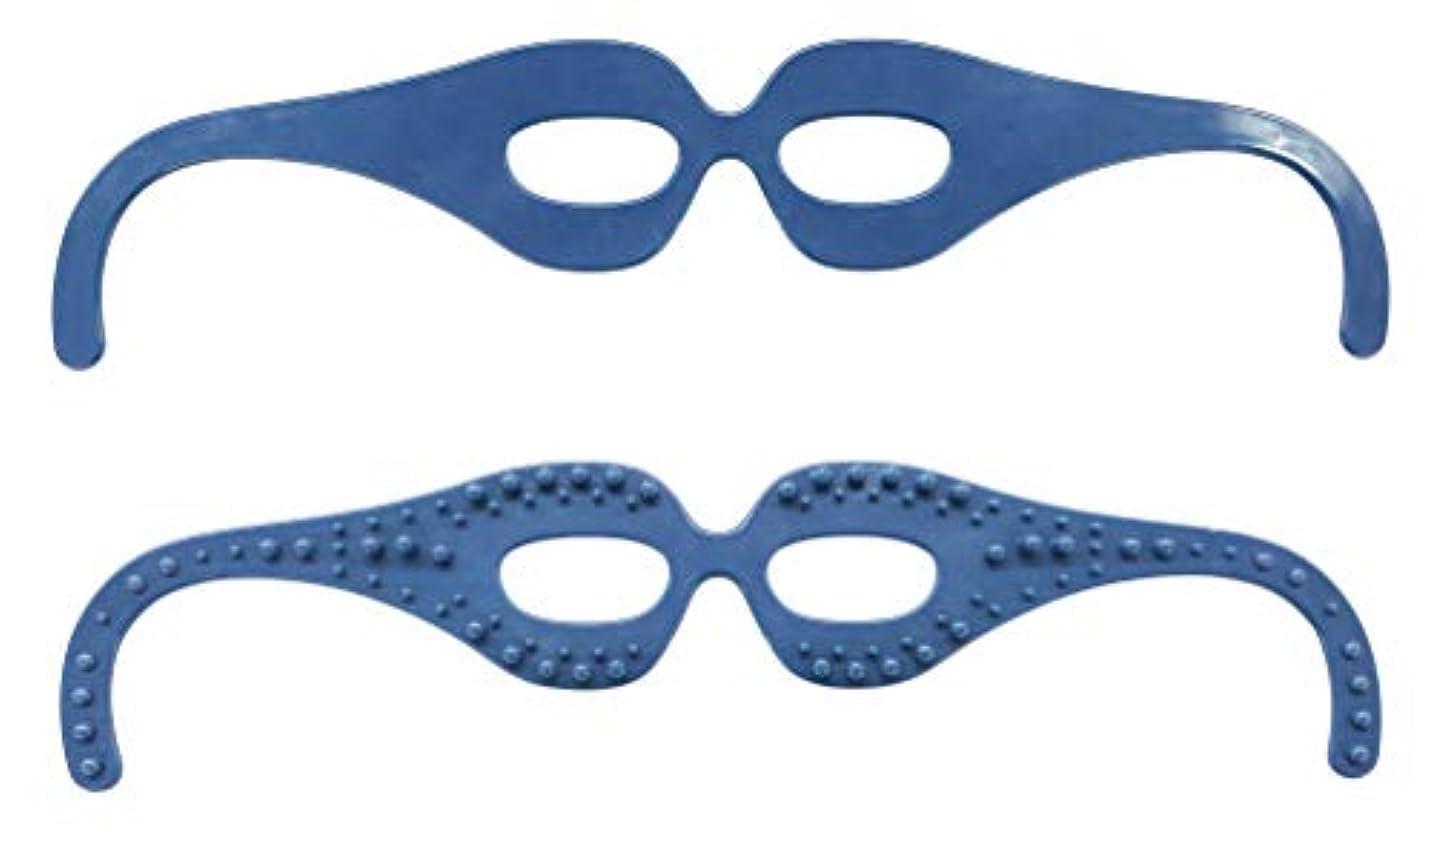 収容するジョセフバンクス唇目元スッキリ! 気分爽快! 整体師の資格を持つ眼鏡デザイナーが開発した簡単顔ツボ刺激の超リラックスメガネ。 FI7408-1